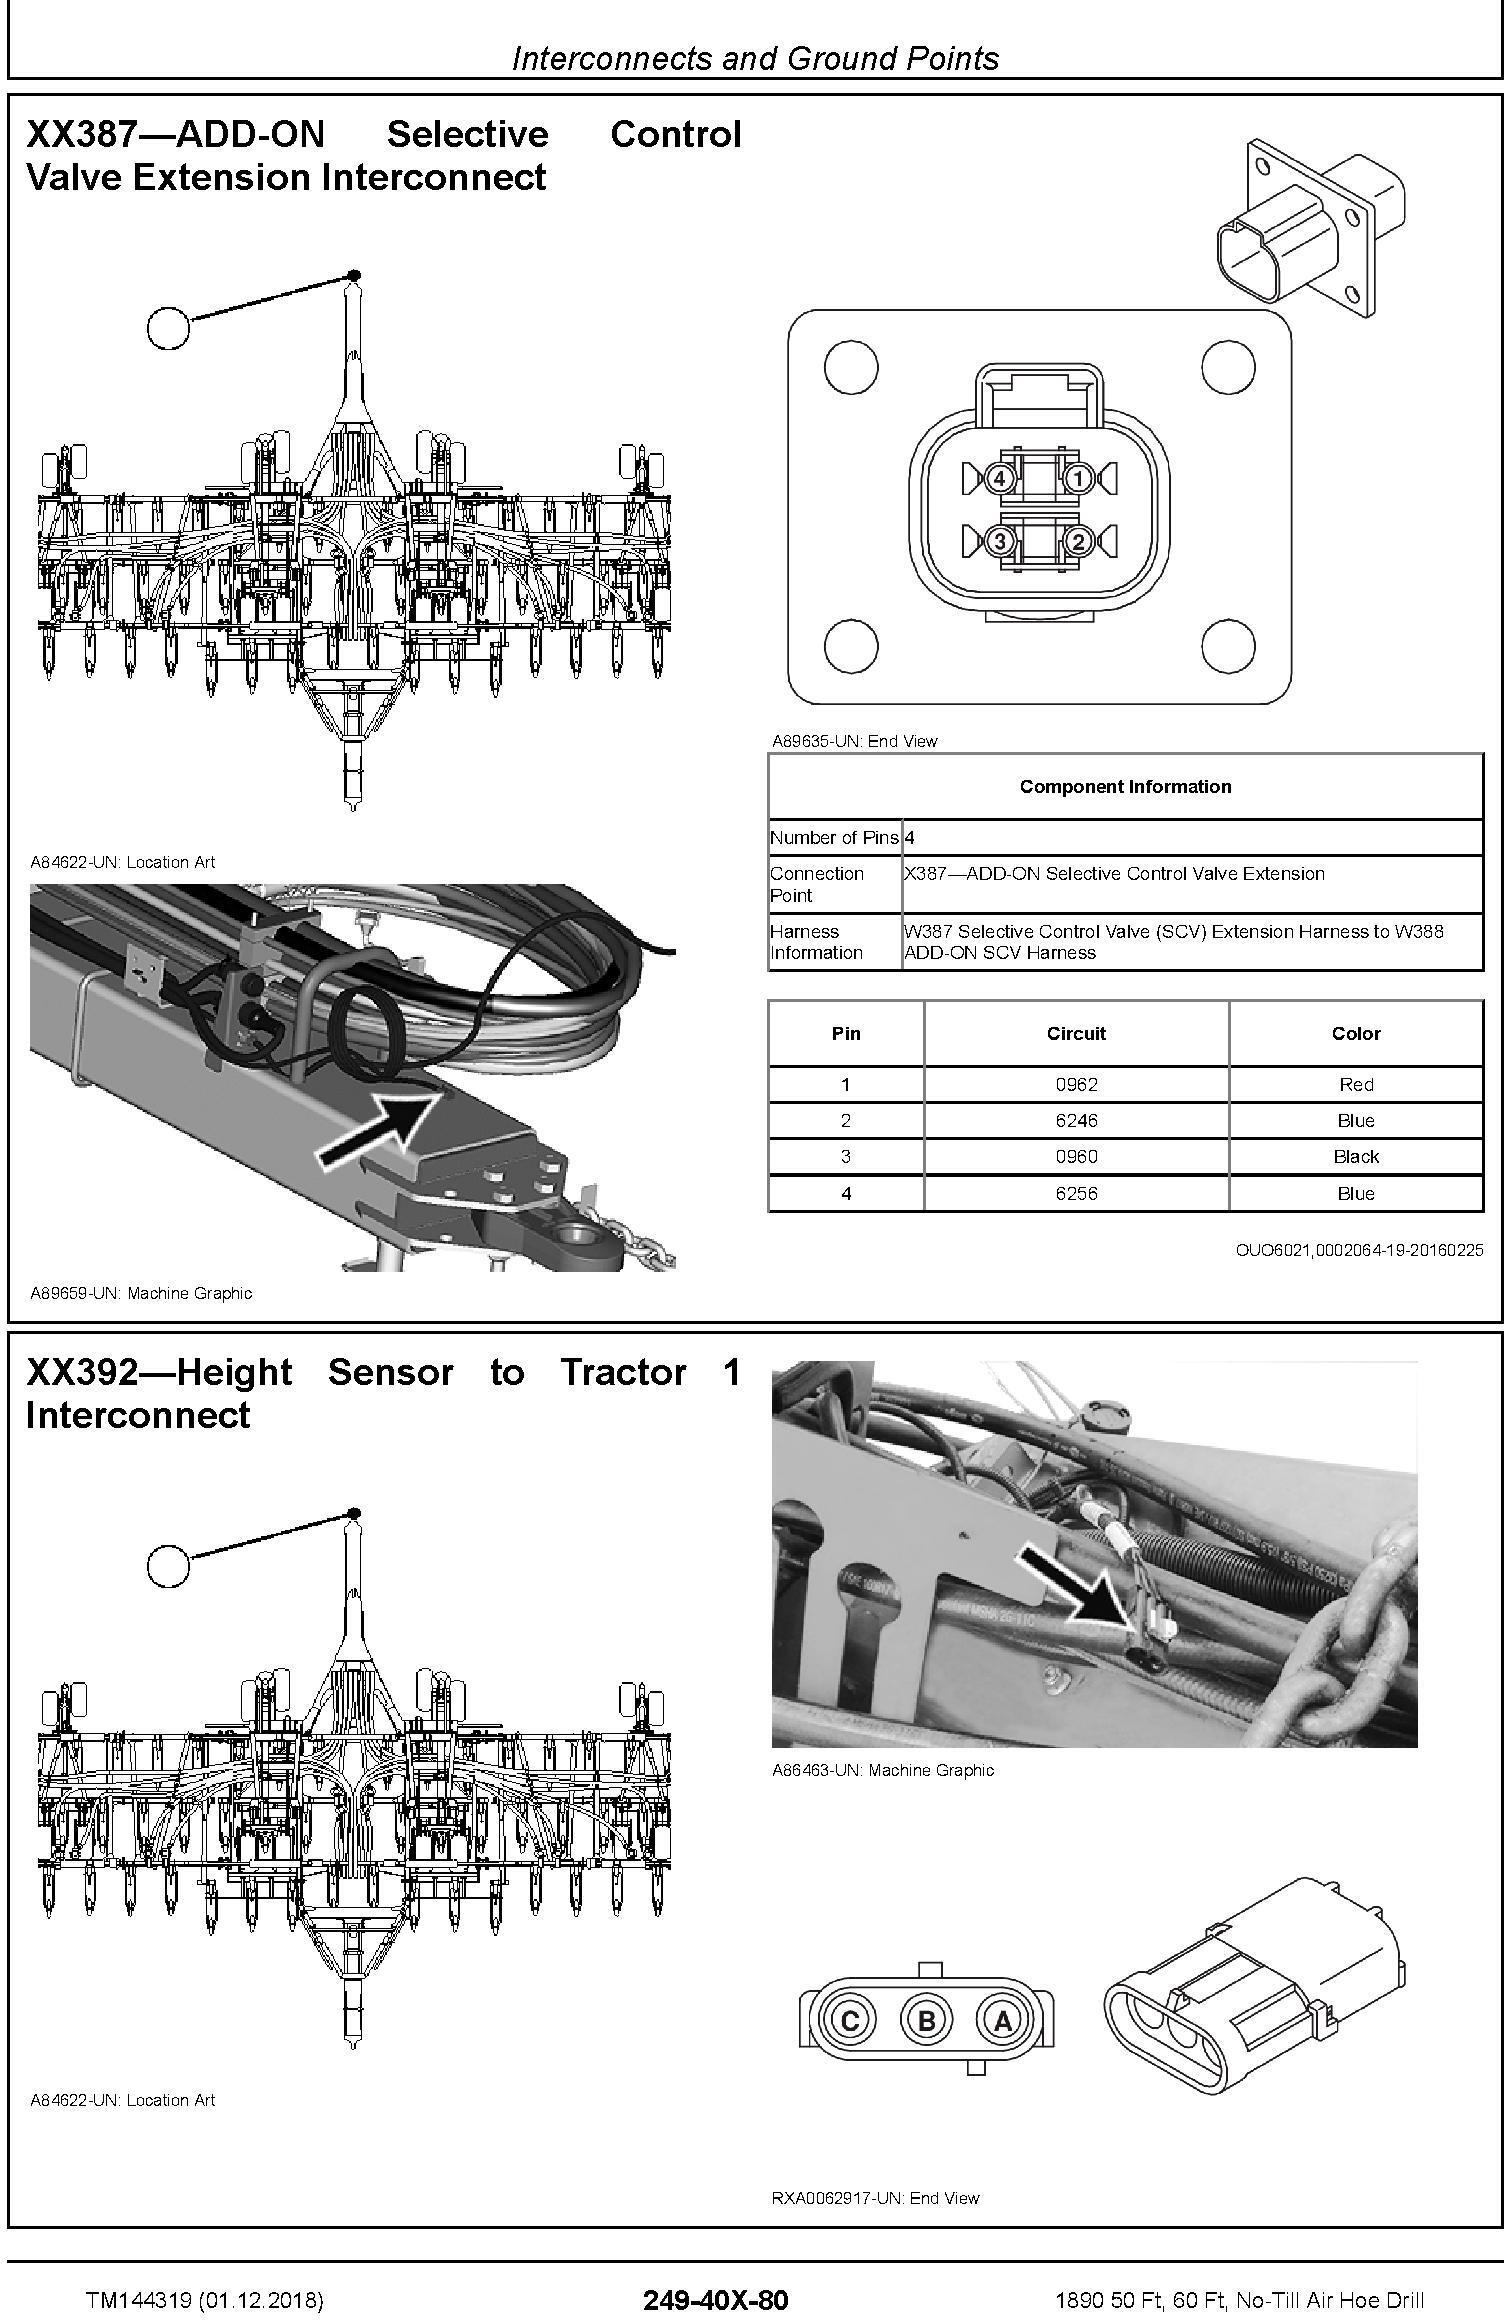 John Deere 1890 50 Ft, 60 Ft, No-Till Air Hoe Drill Diagnostic Technical Service Manual (TM144319) - 2